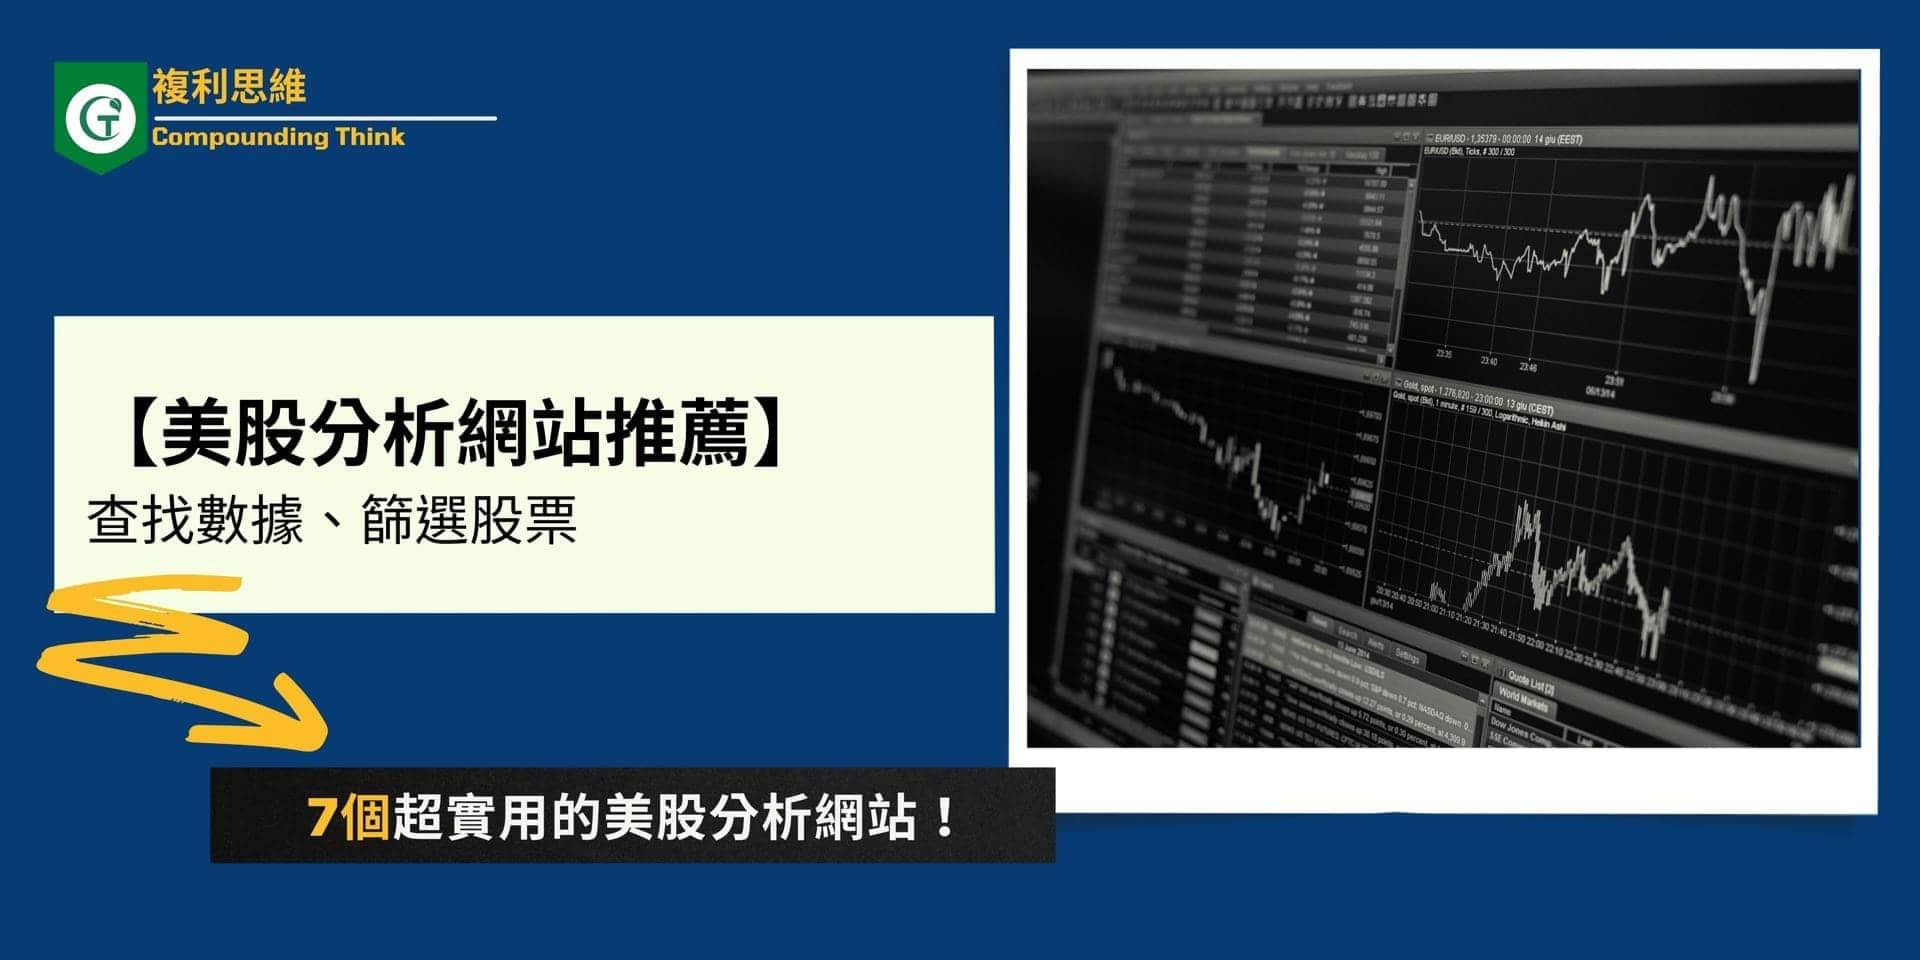 美股分析網站